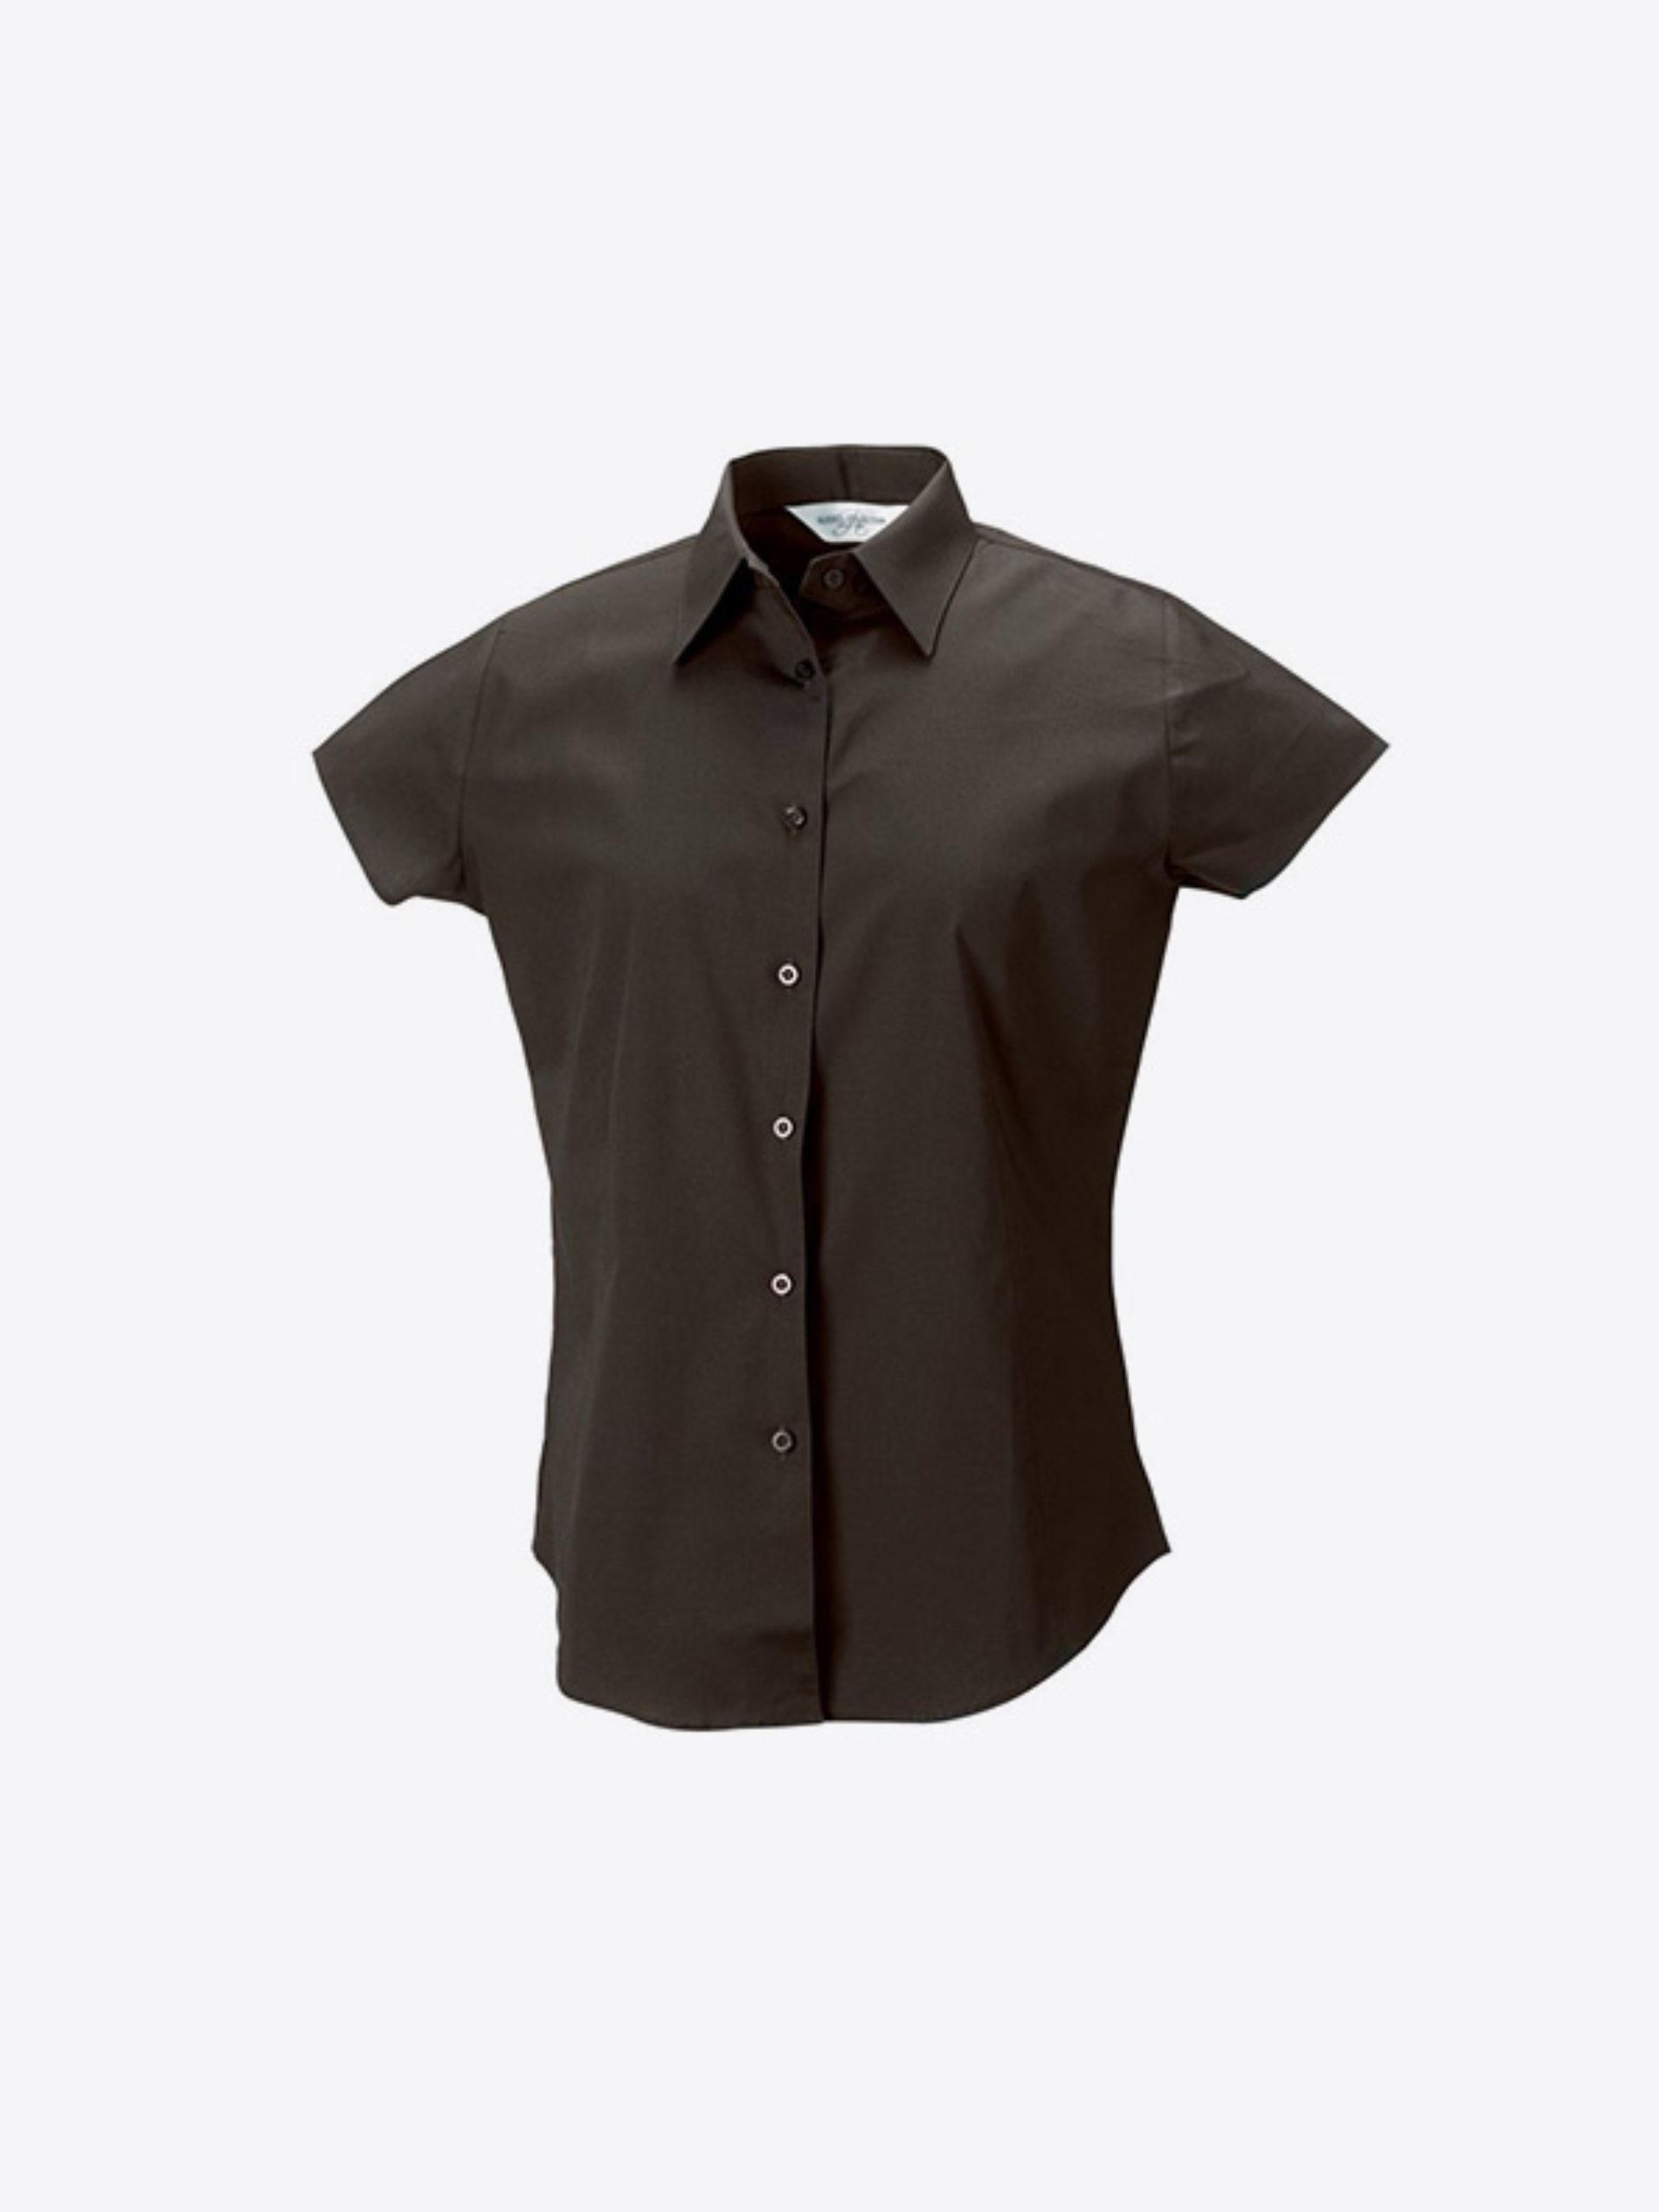 Damen Hemd Kurzarm Mit Logo Drucken Besticken Russell 947f Farbe Chocolate